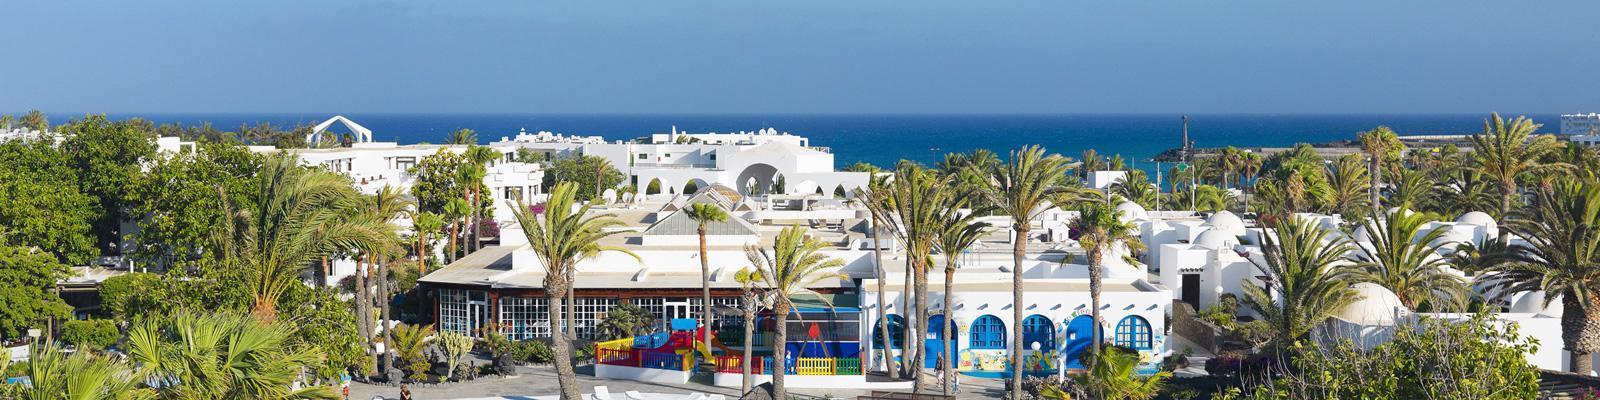 H10 Lanzarote Garden - Costa Teguise Hotel